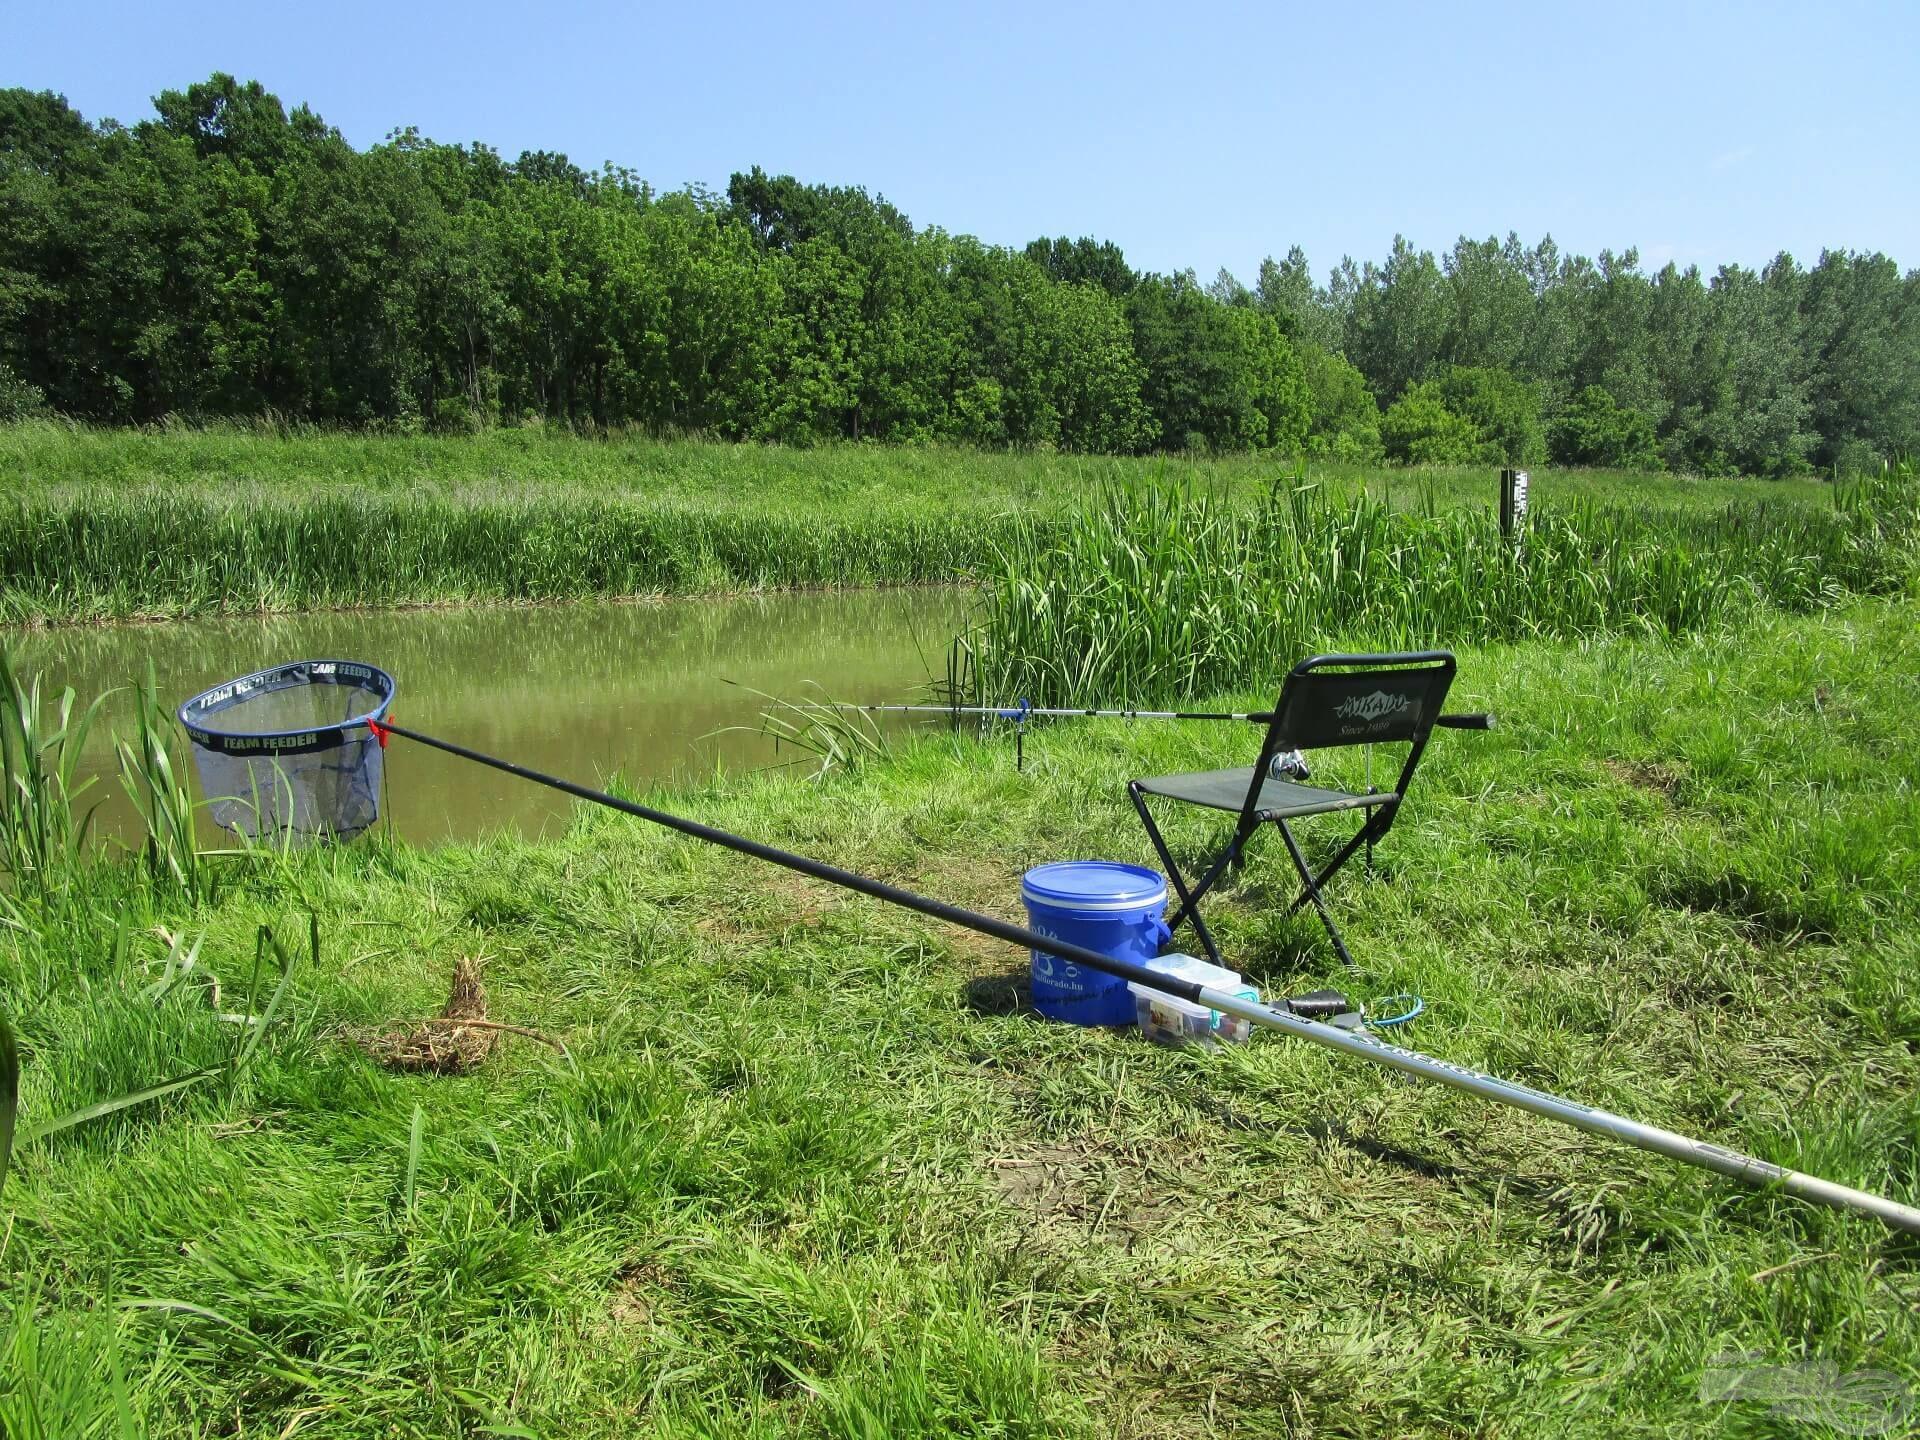 Mivel nem vittem sok cuccot, gyorsan felállítottam a horgászállást